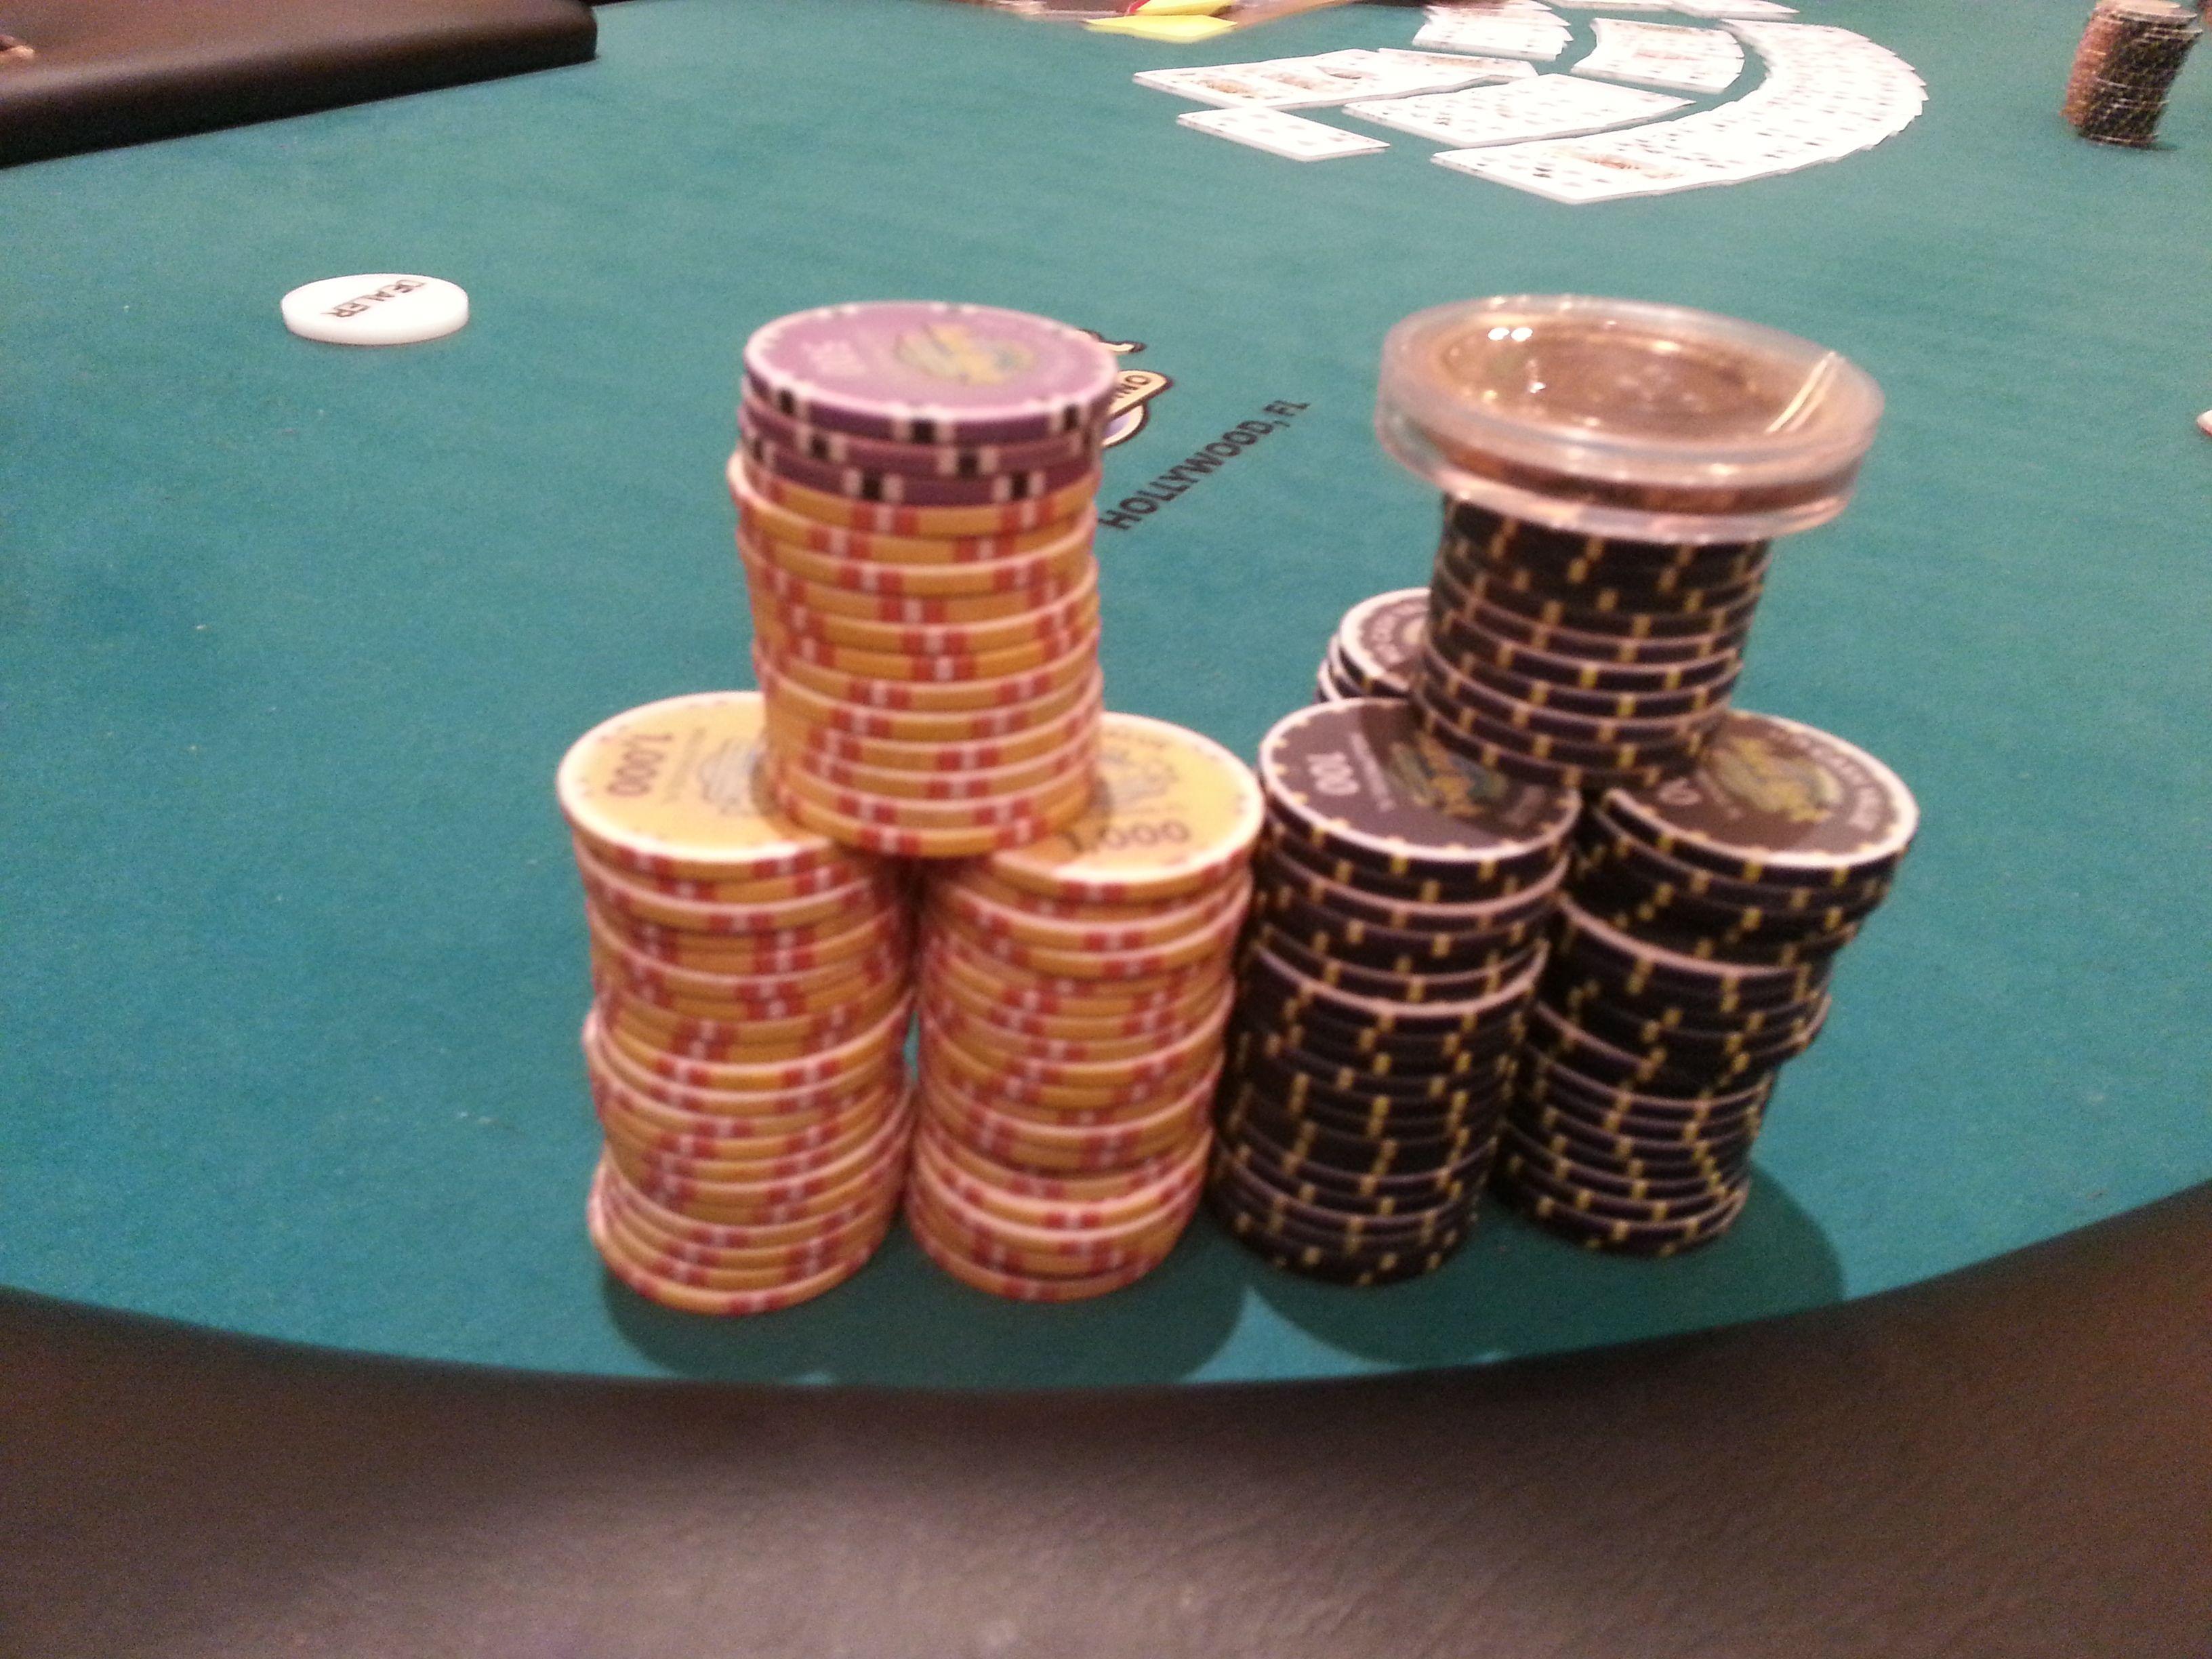 climbing   Poker Chip Stacks   Pinterest   Poker chips